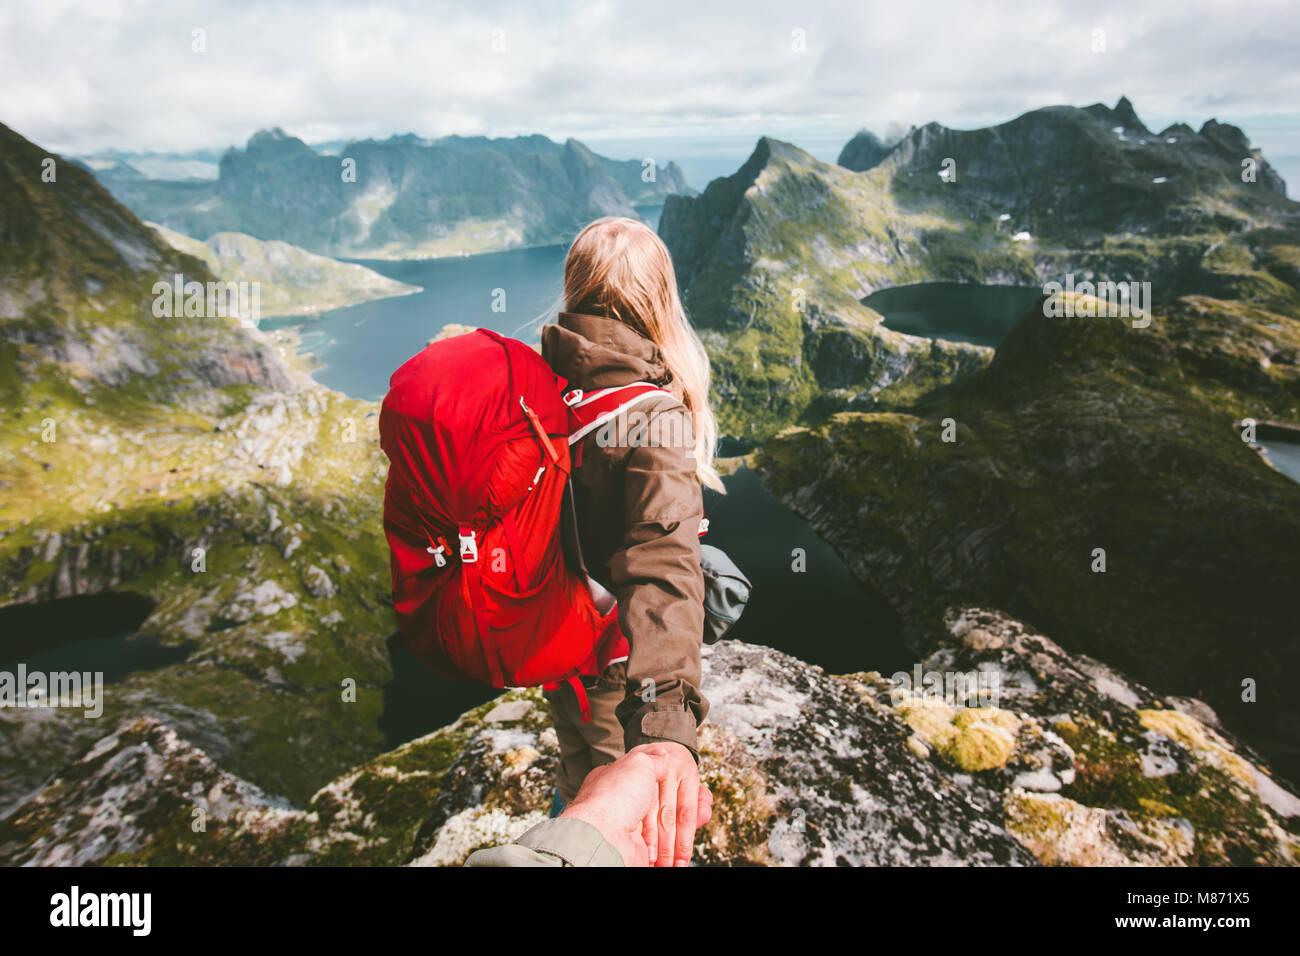 Suivre Couple holding hands on cliff montagne en Norvège Billet d'amour vie concept émotions vacances estivales Banque D'Images